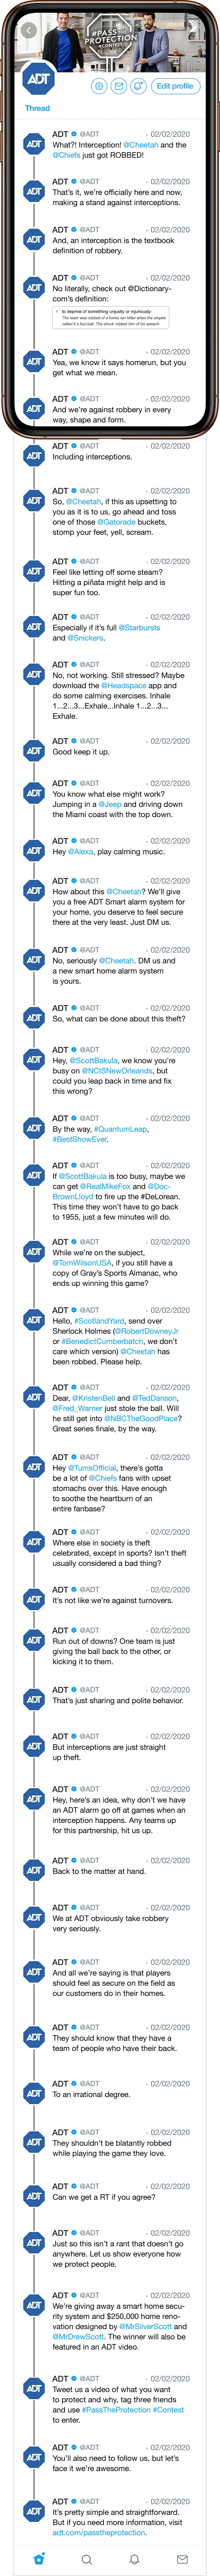 ADT-TweetRant